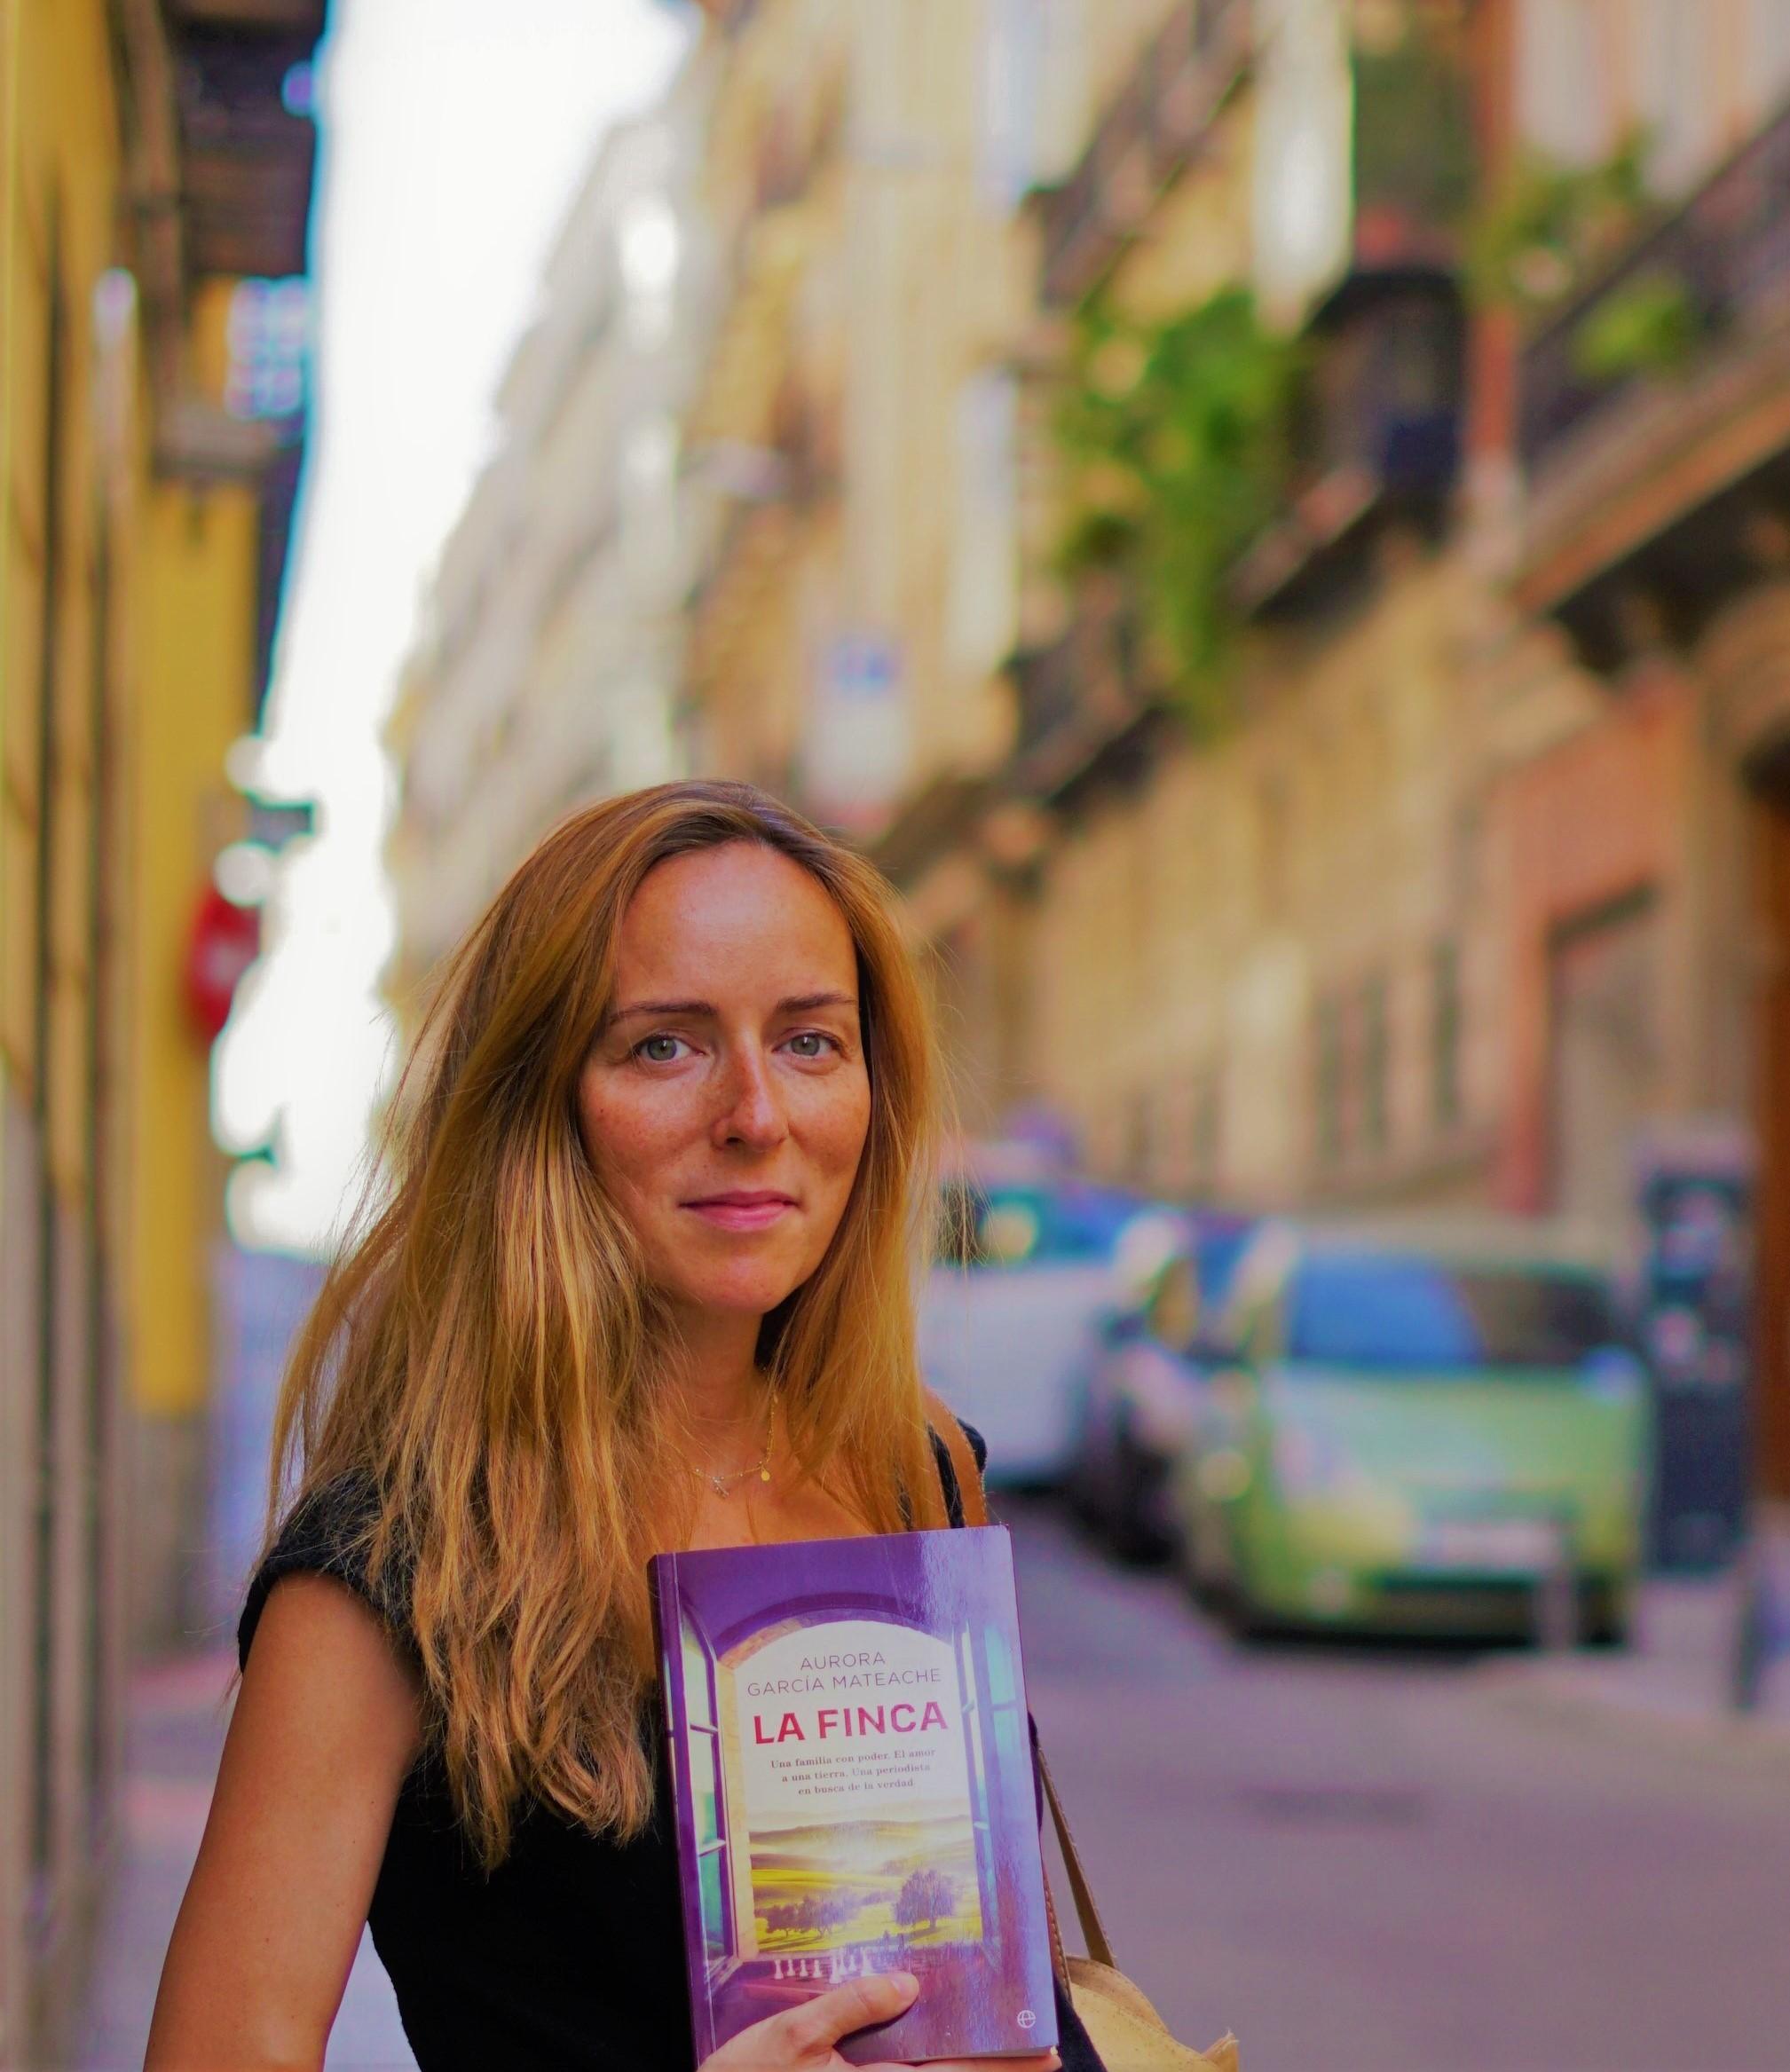 """""""La Finca"""" es la segunda novela de Aurora García Mateache, que ya publicó """"La Favorita. La historia de amor entre Alfonso XII y Elena Sanz""""."""